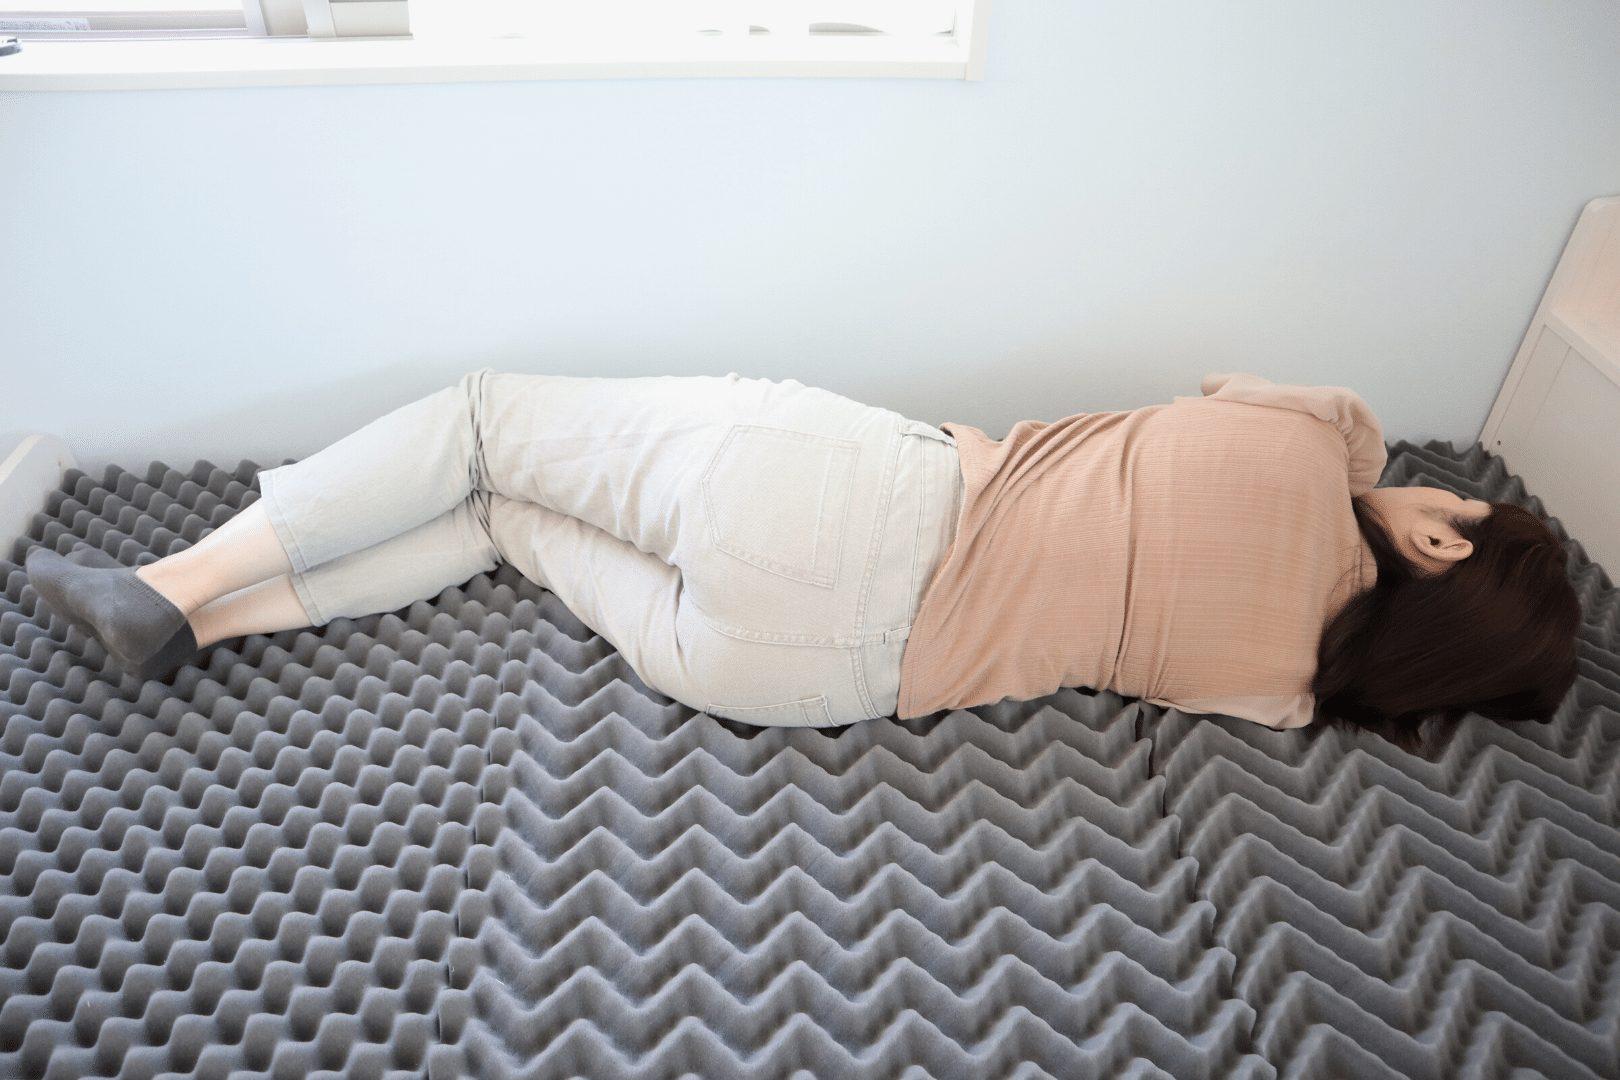 メディカルマットレス 横寝 寝心地